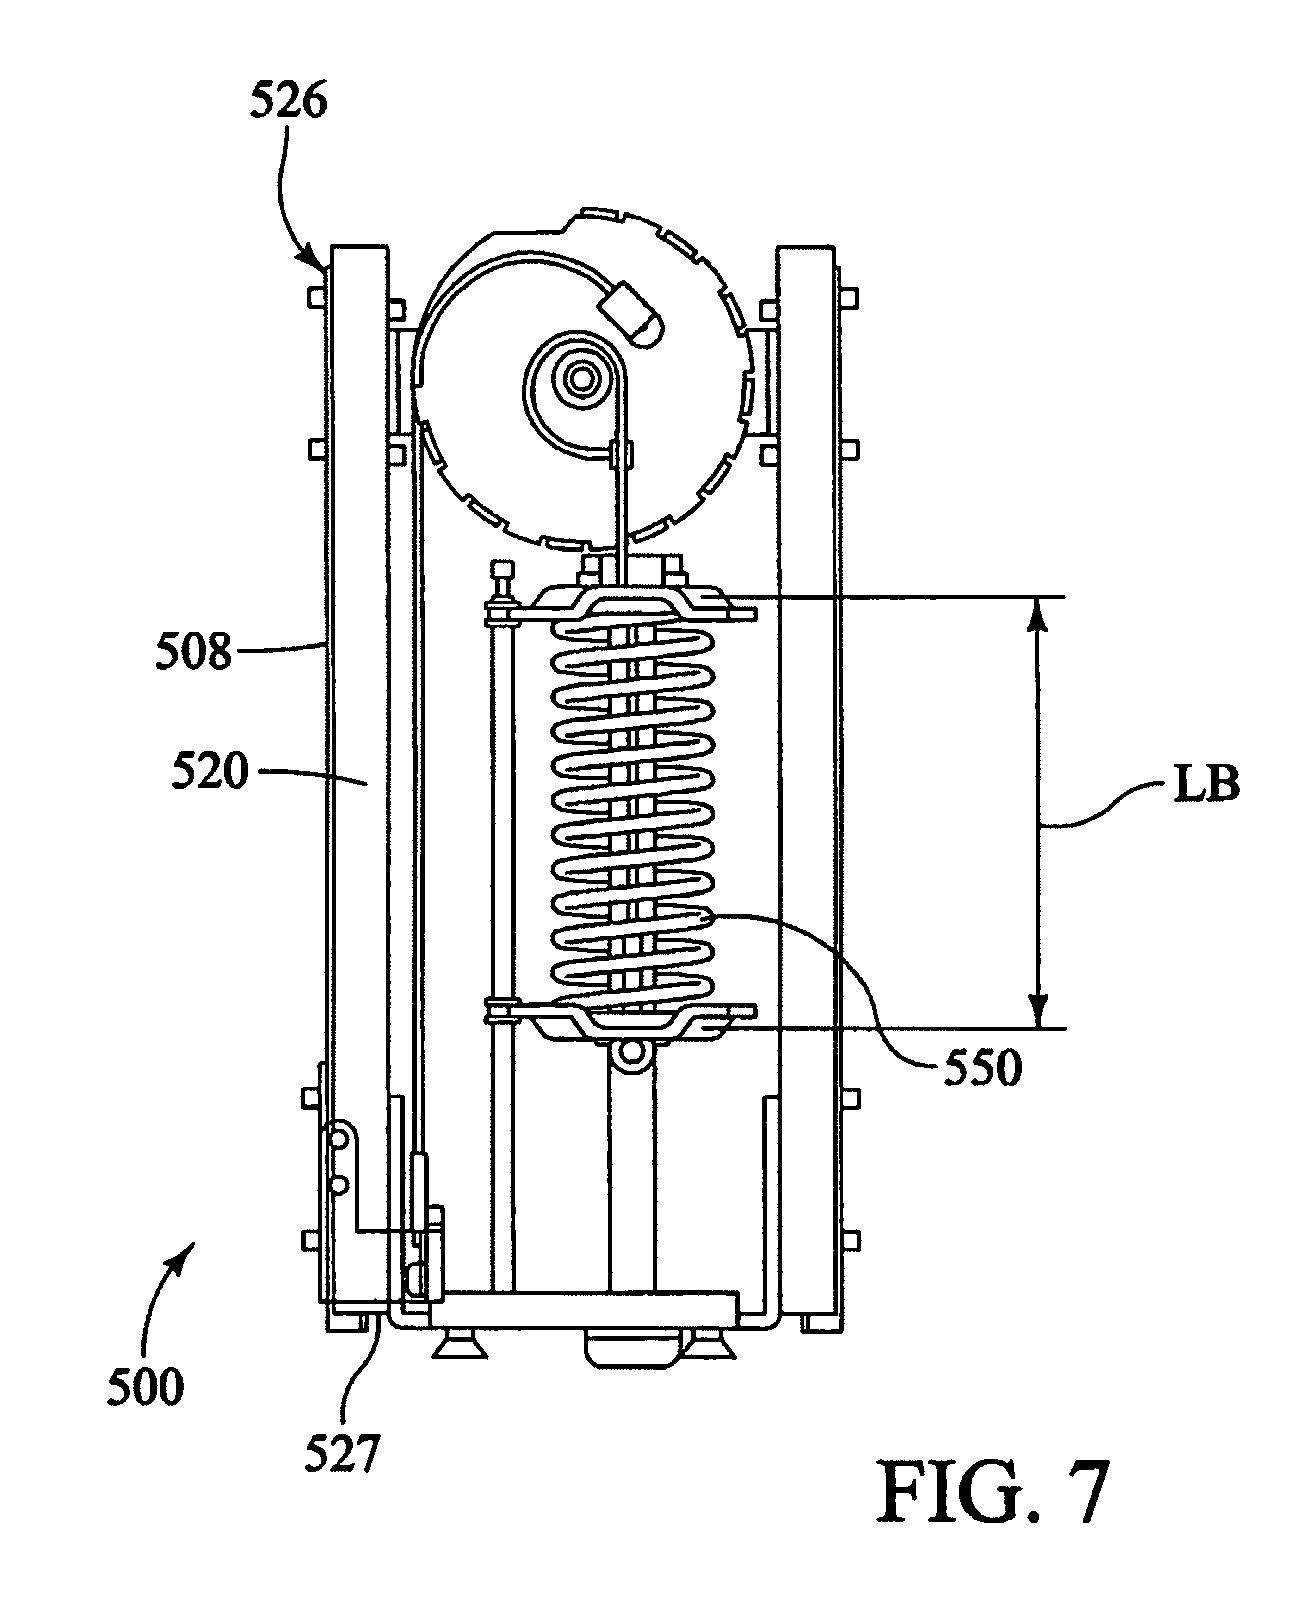 Eb 1005 Wiring Diagram For Venter Trailer Schematic Wiring